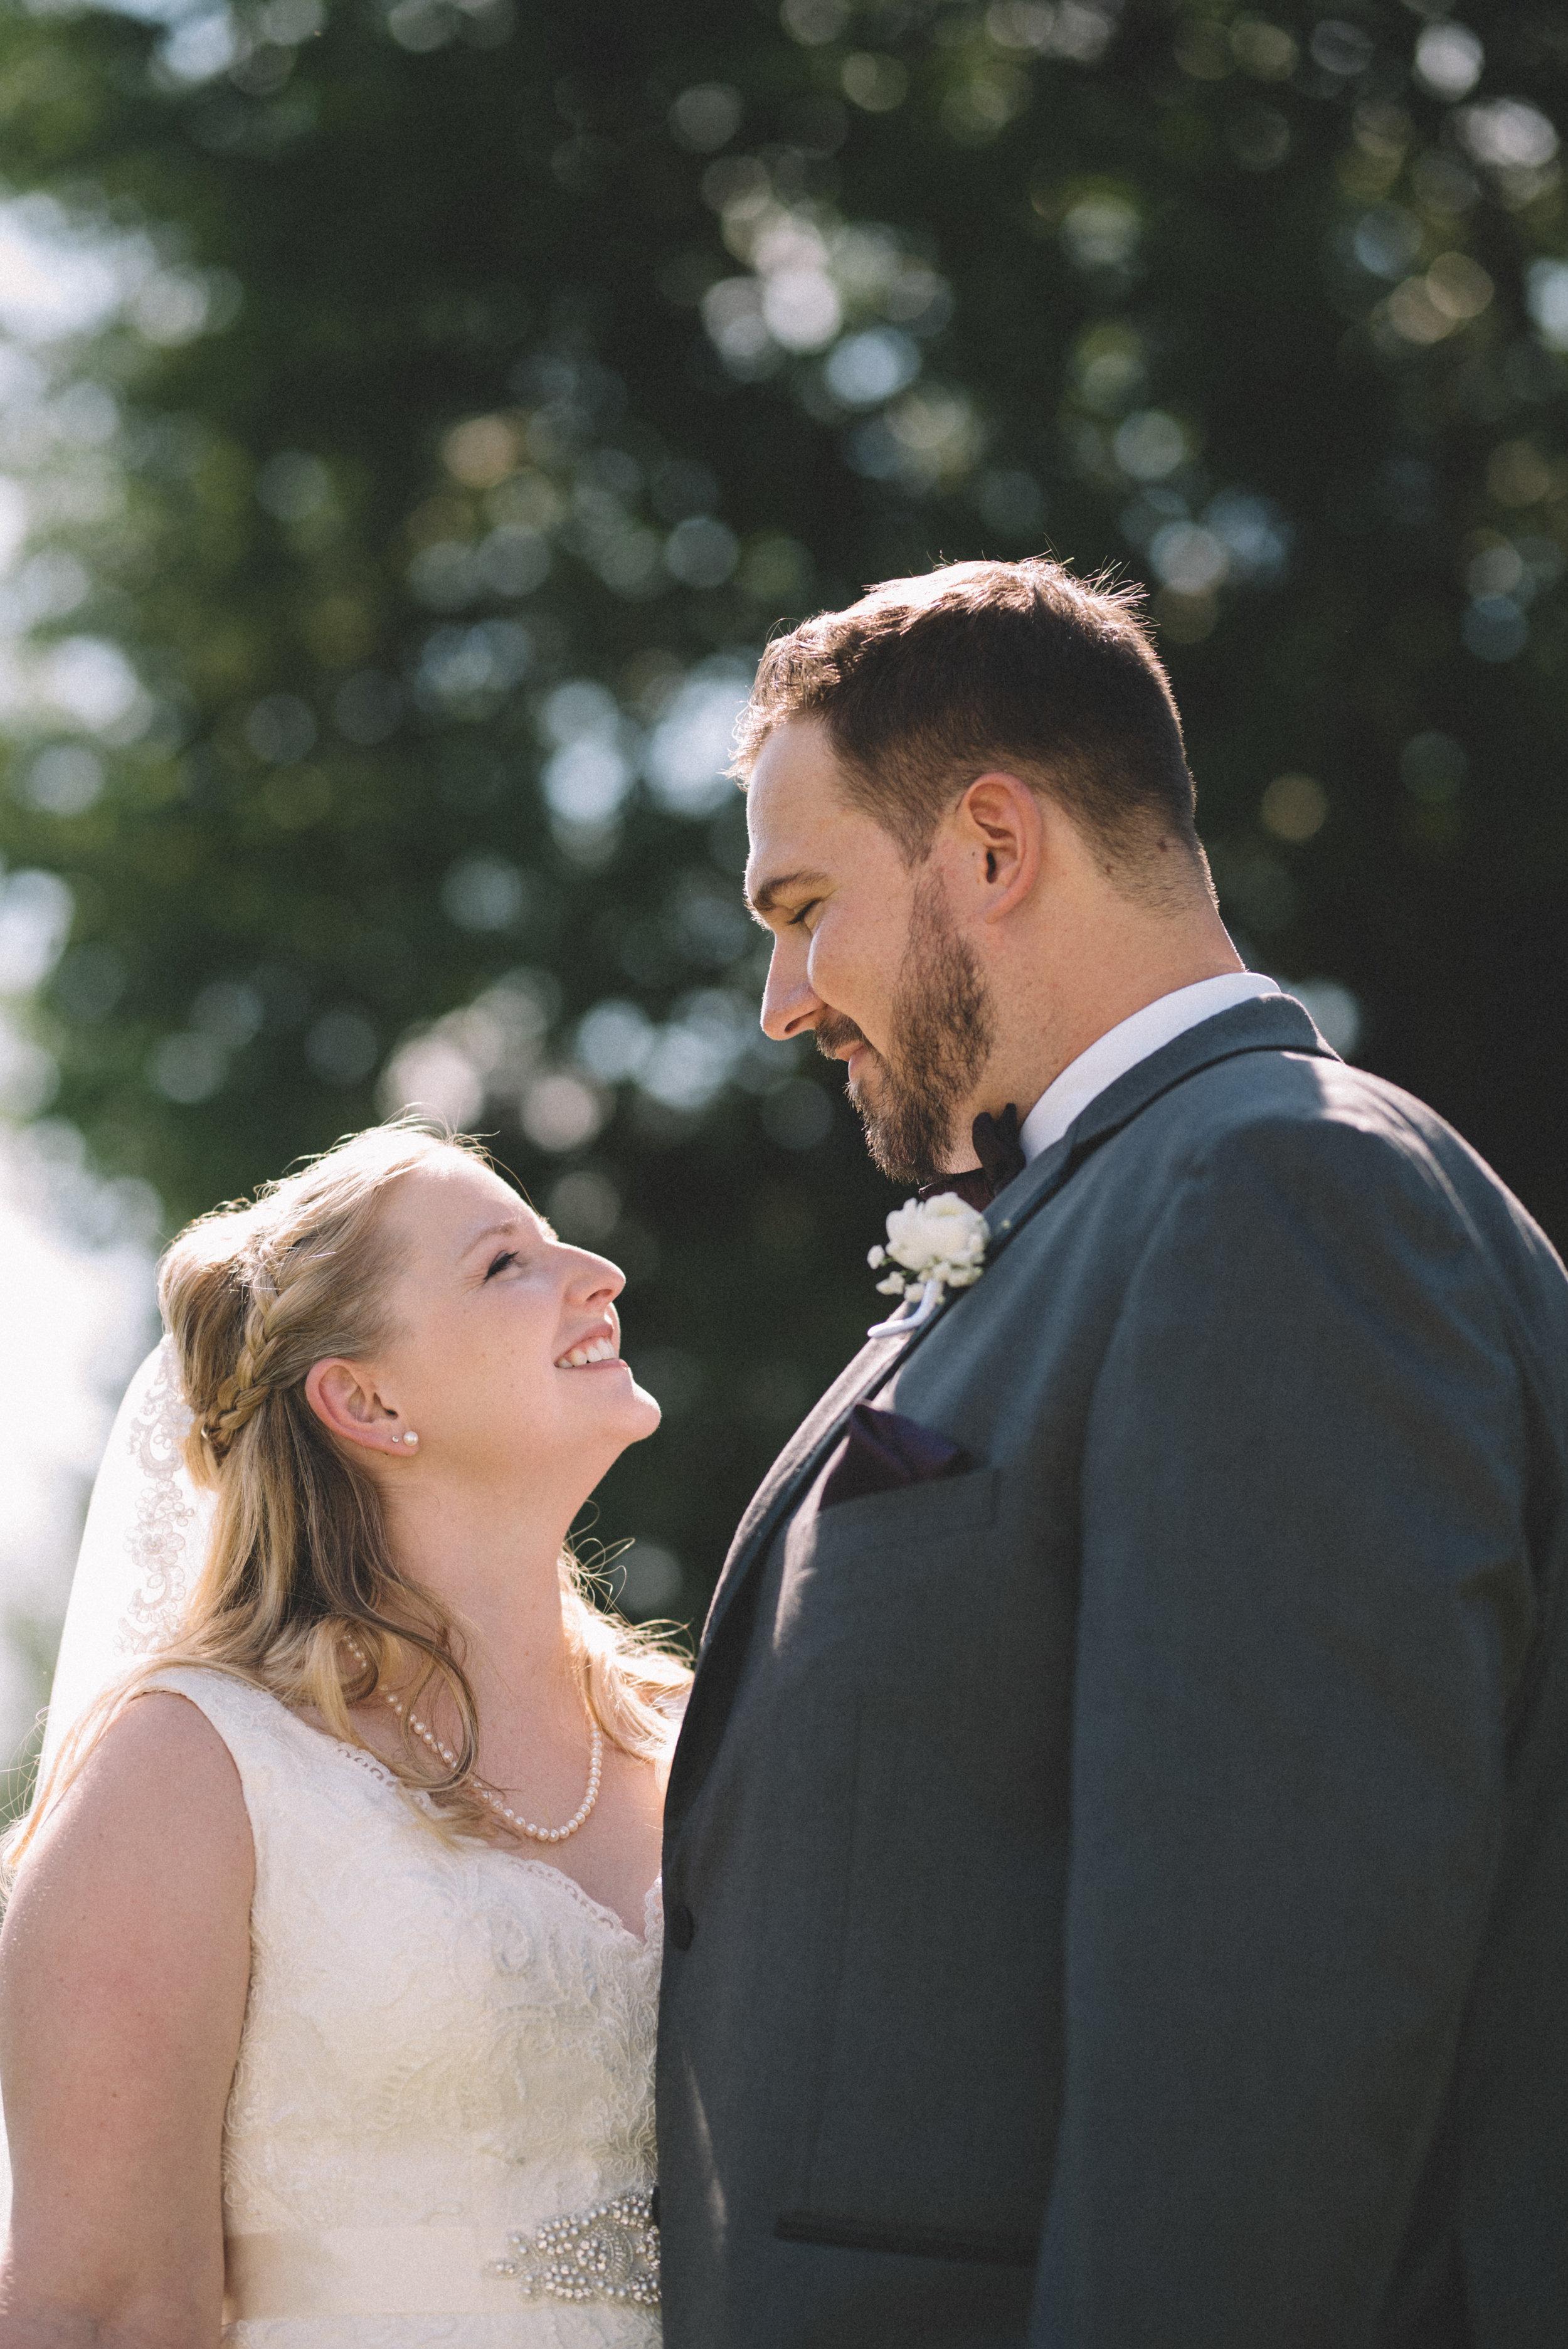 Heather + Thomas - Nashville Wedding